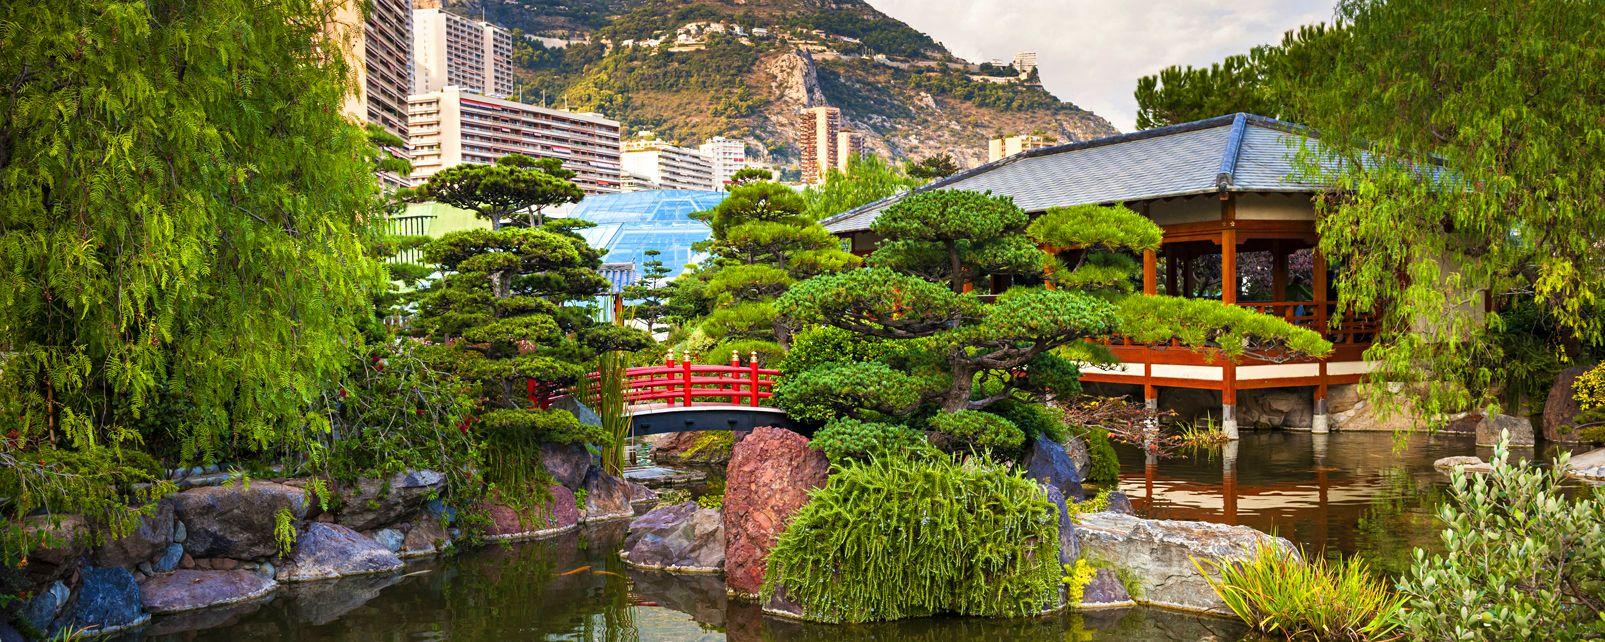 Previous Next. I giardini. Il Giardino Giapponese